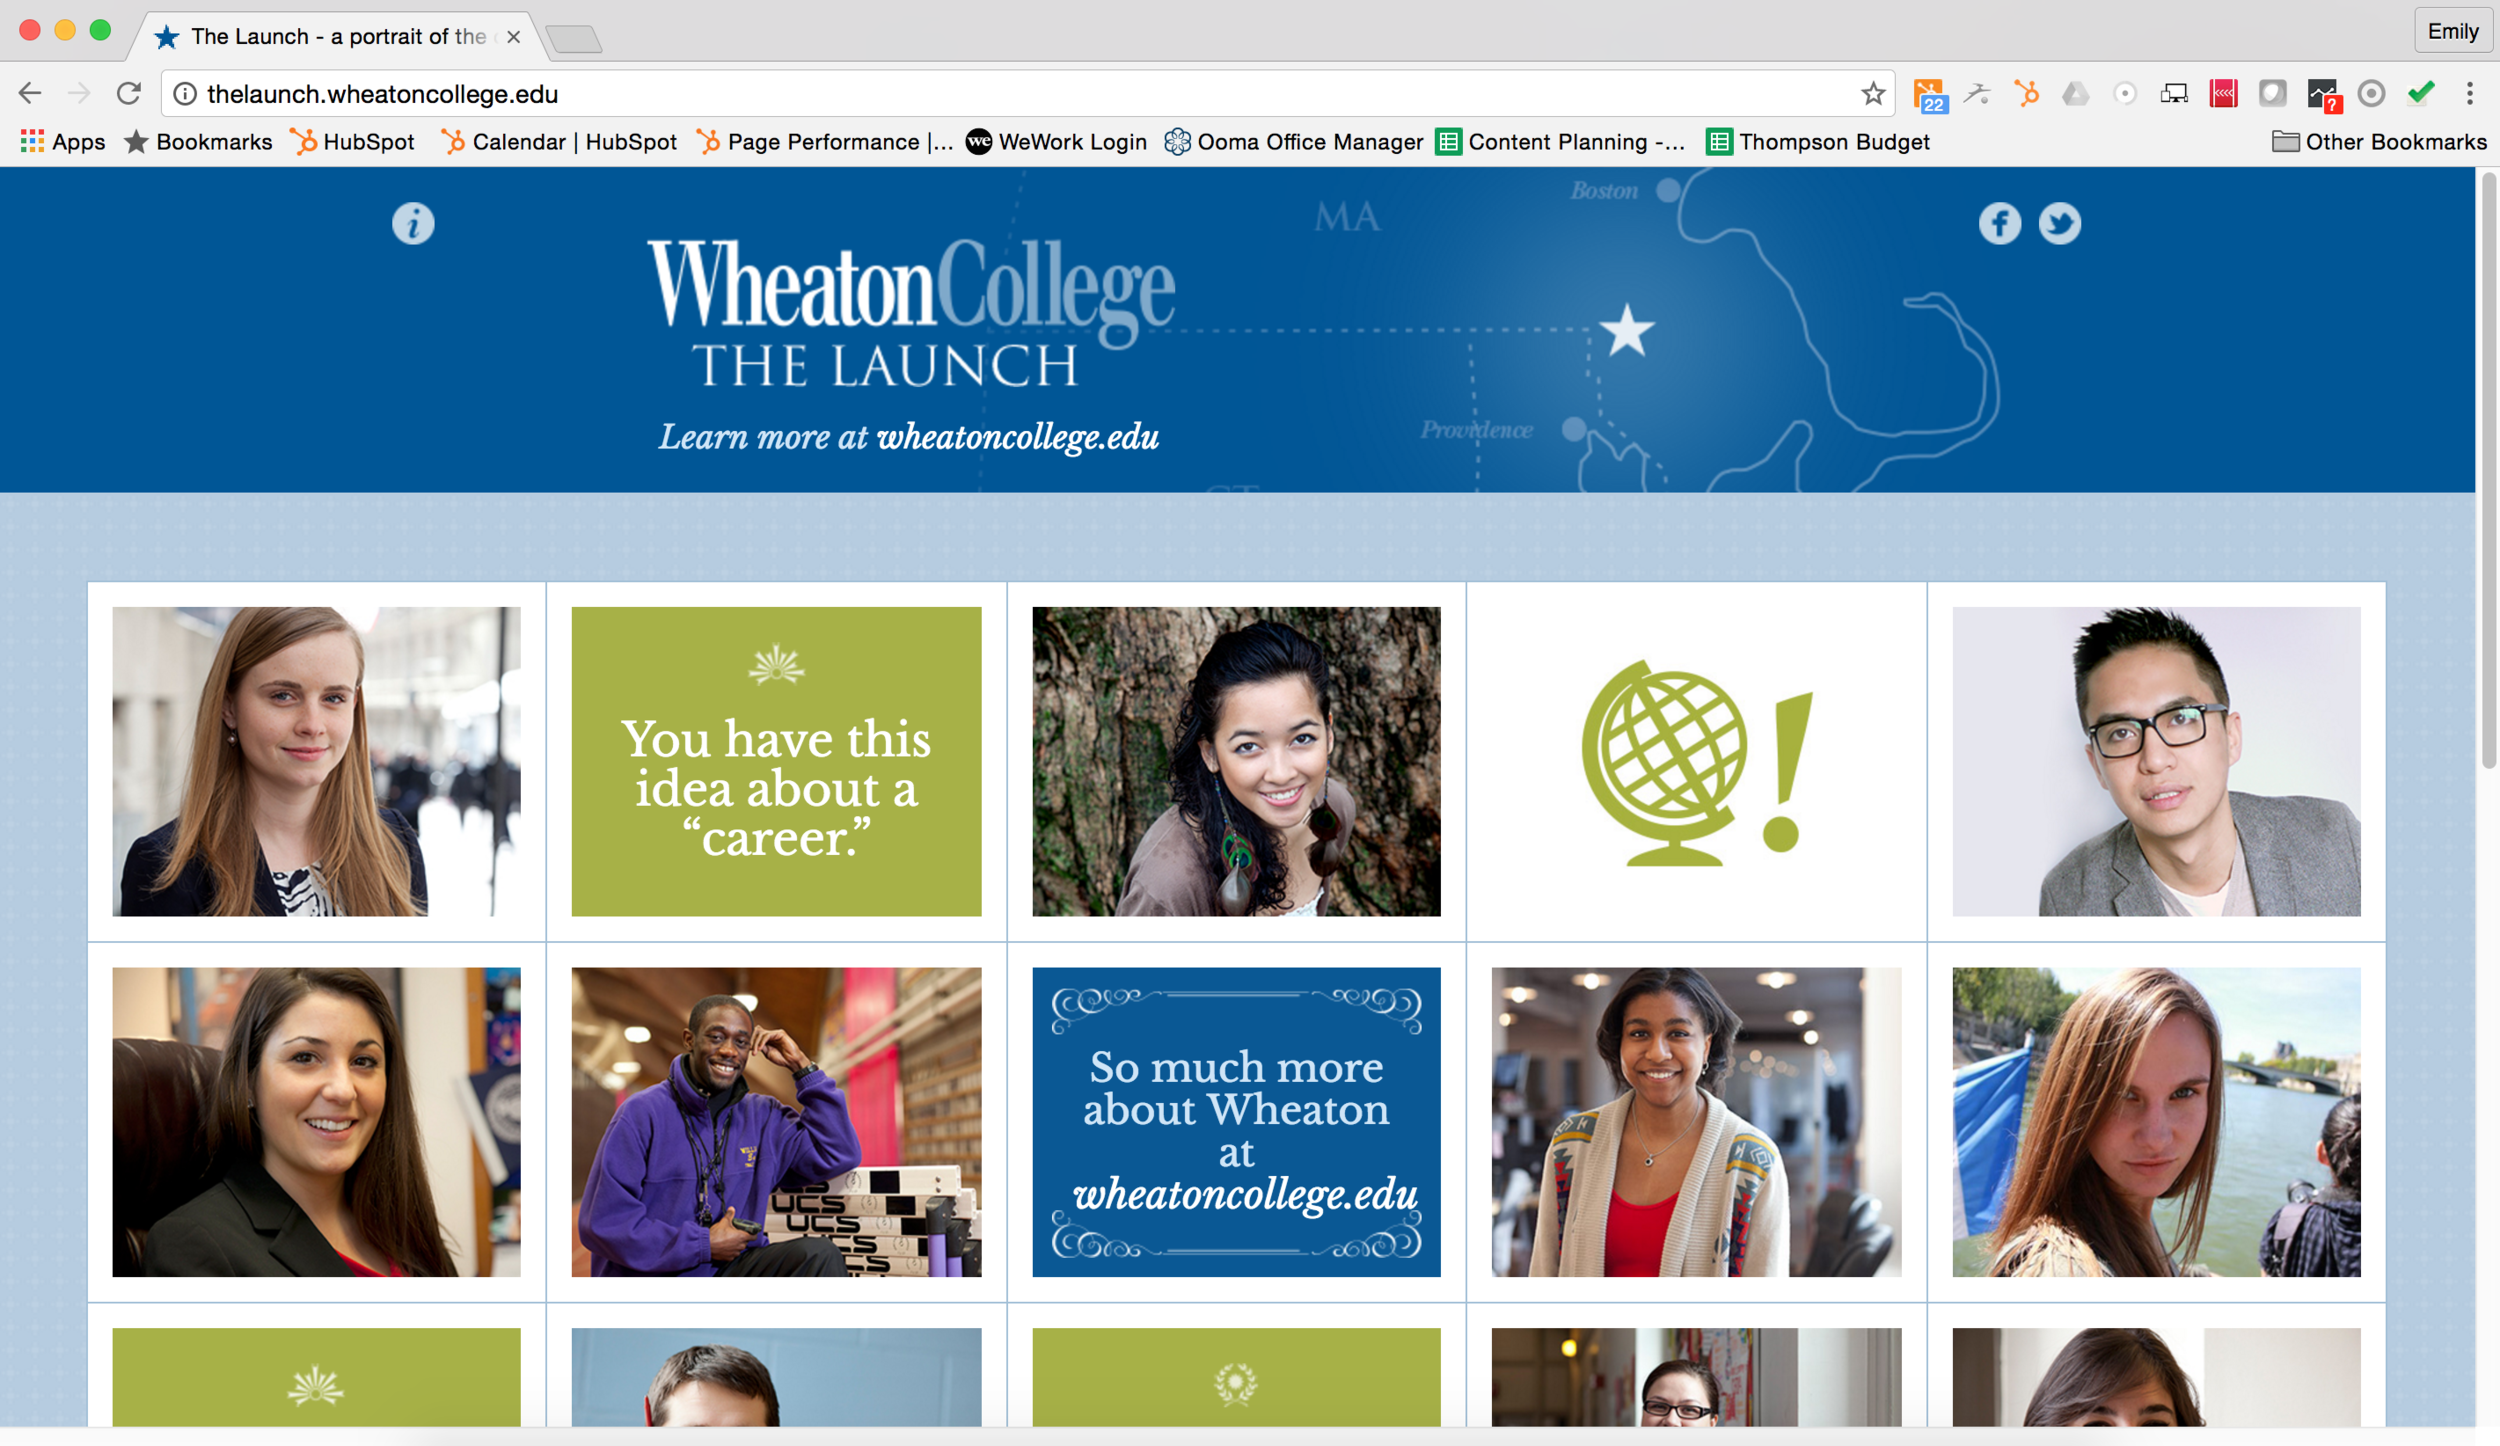 Wheaton College - The Launch Campaign